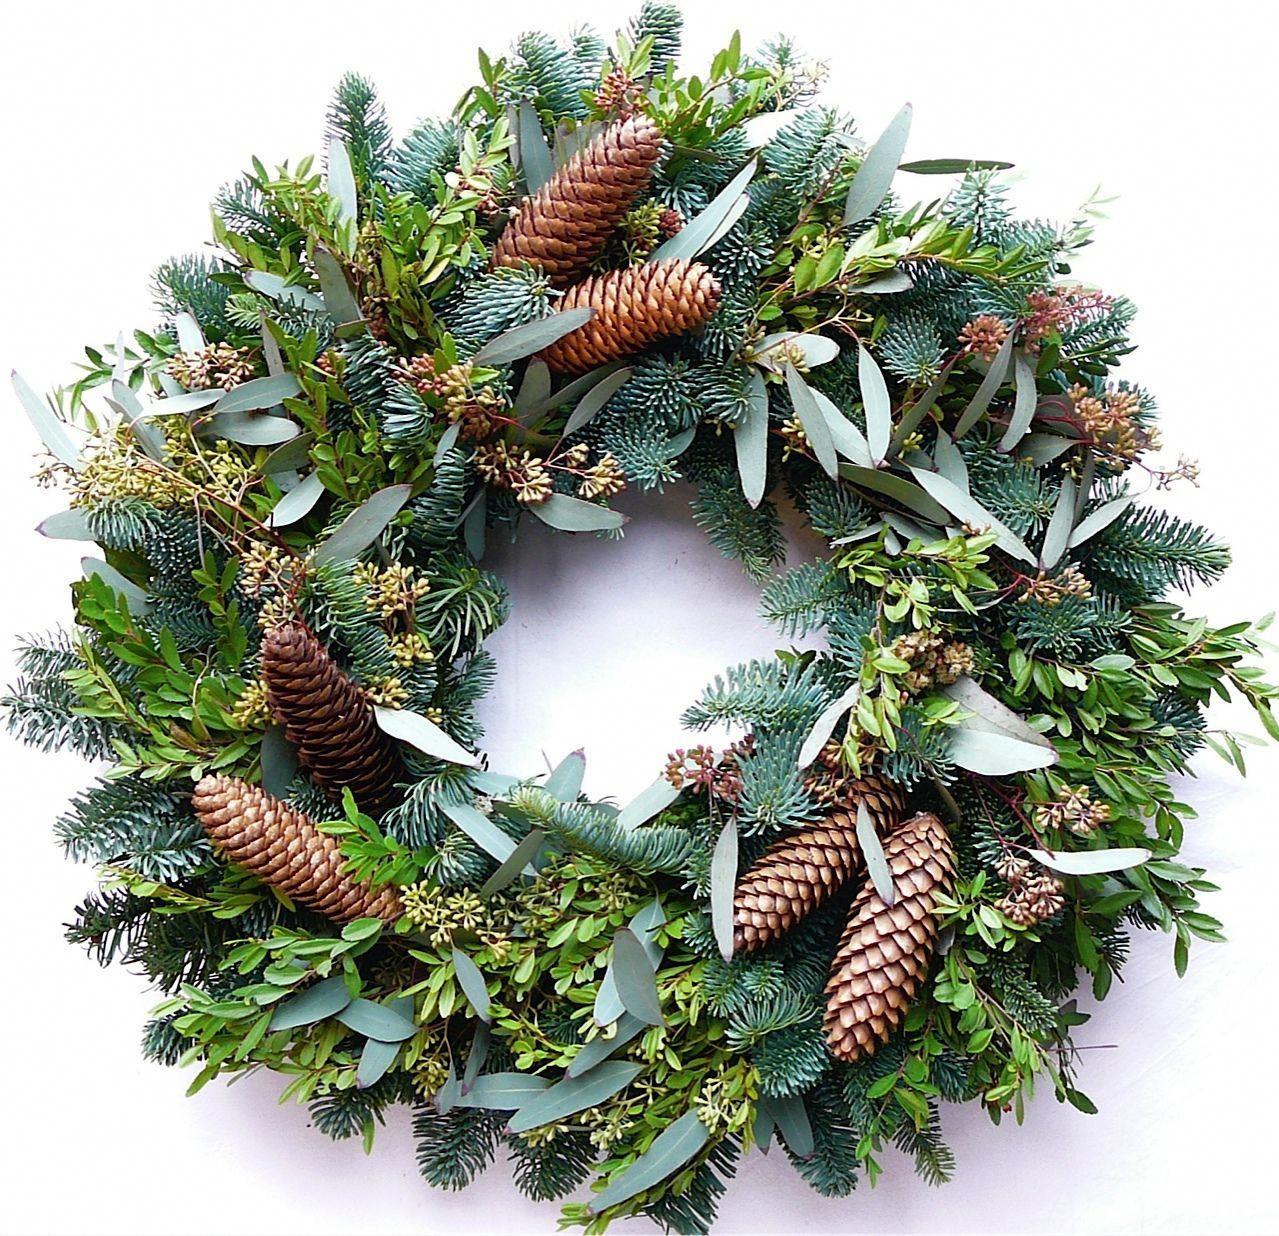 Christmas Roblox Id.Christmas Tree Farms Near Boone Nc Christmas Music Roblox Id